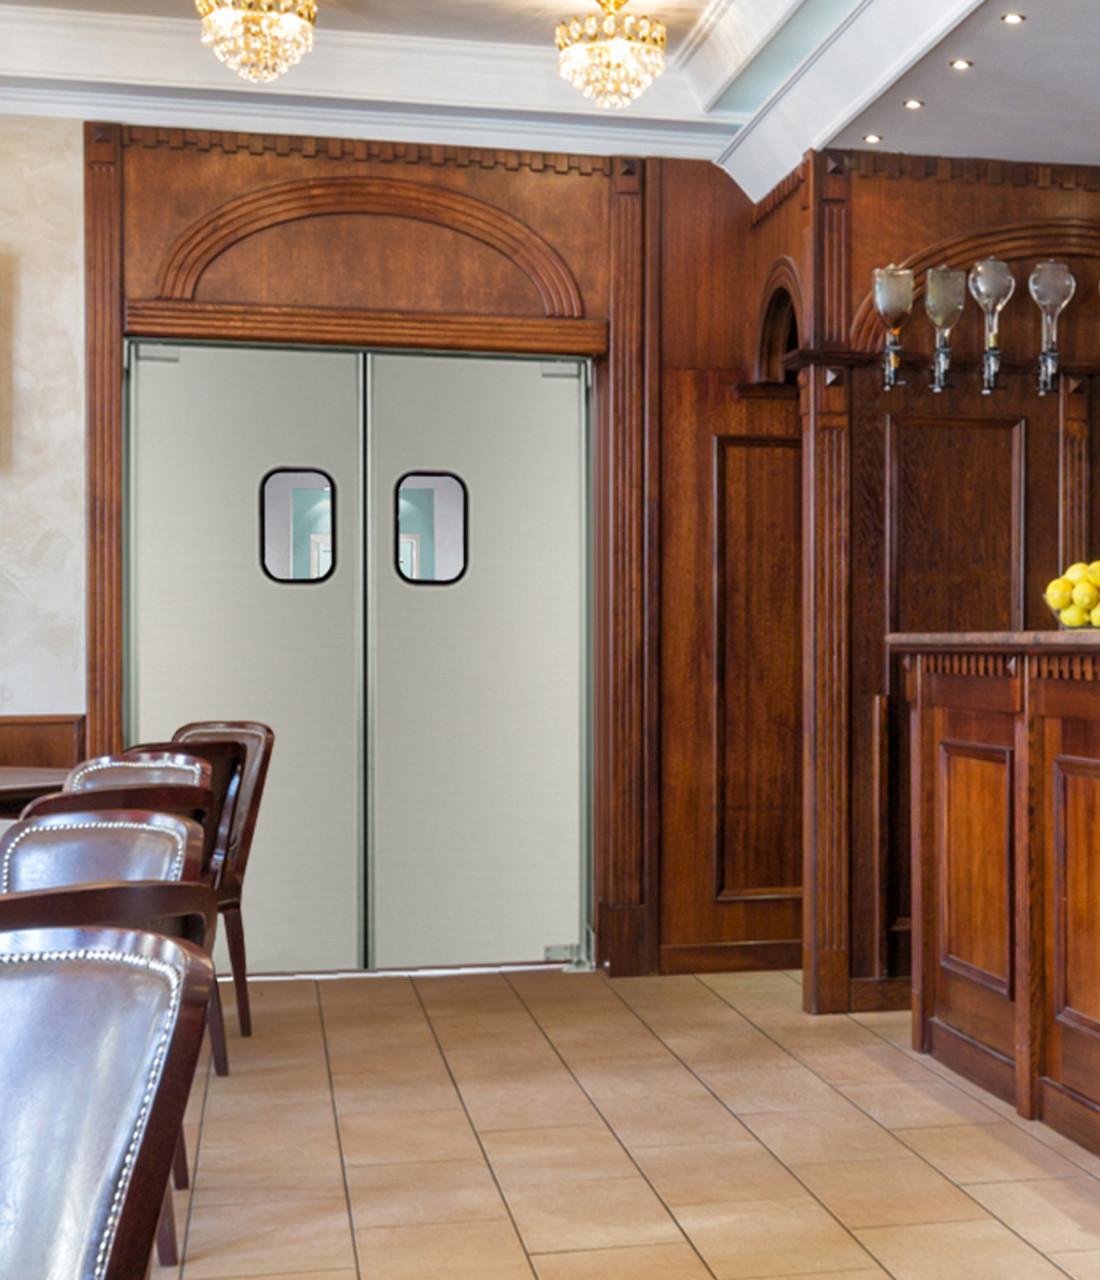 Lightweight Commercial Aluminum Swinging Kitchen Doors